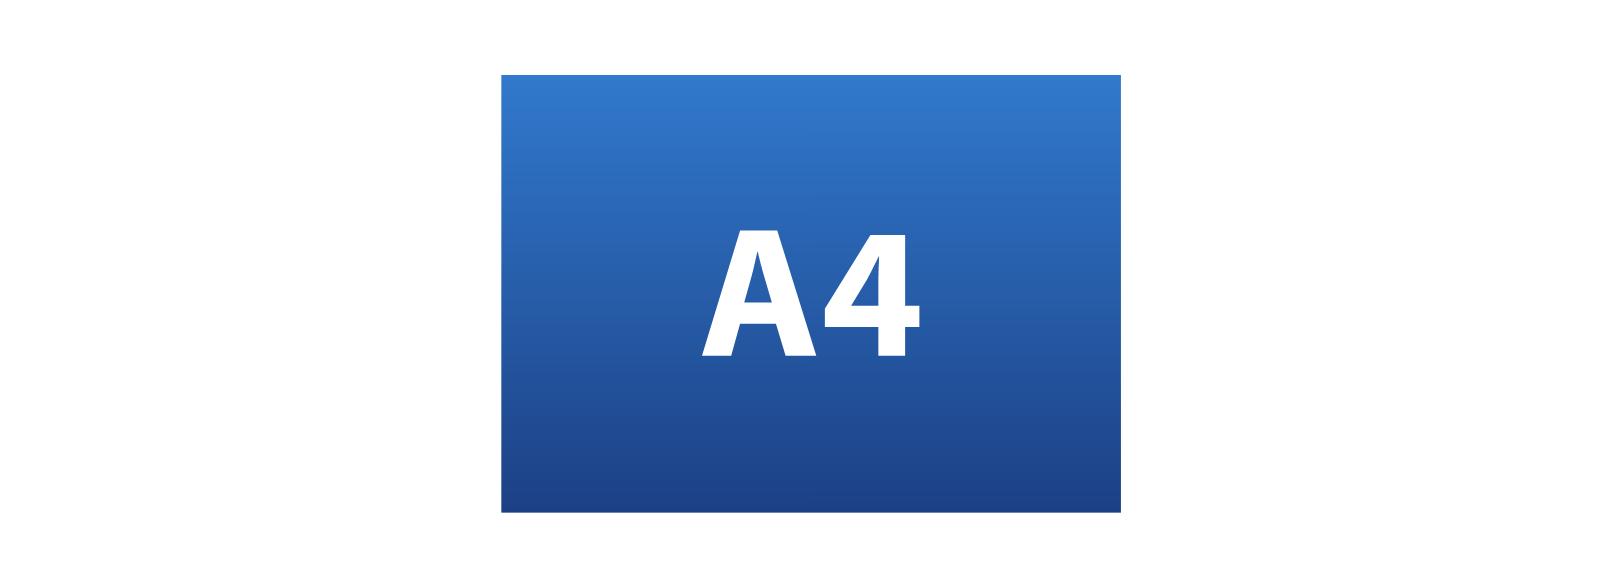 A4 (297mm x 210mm)